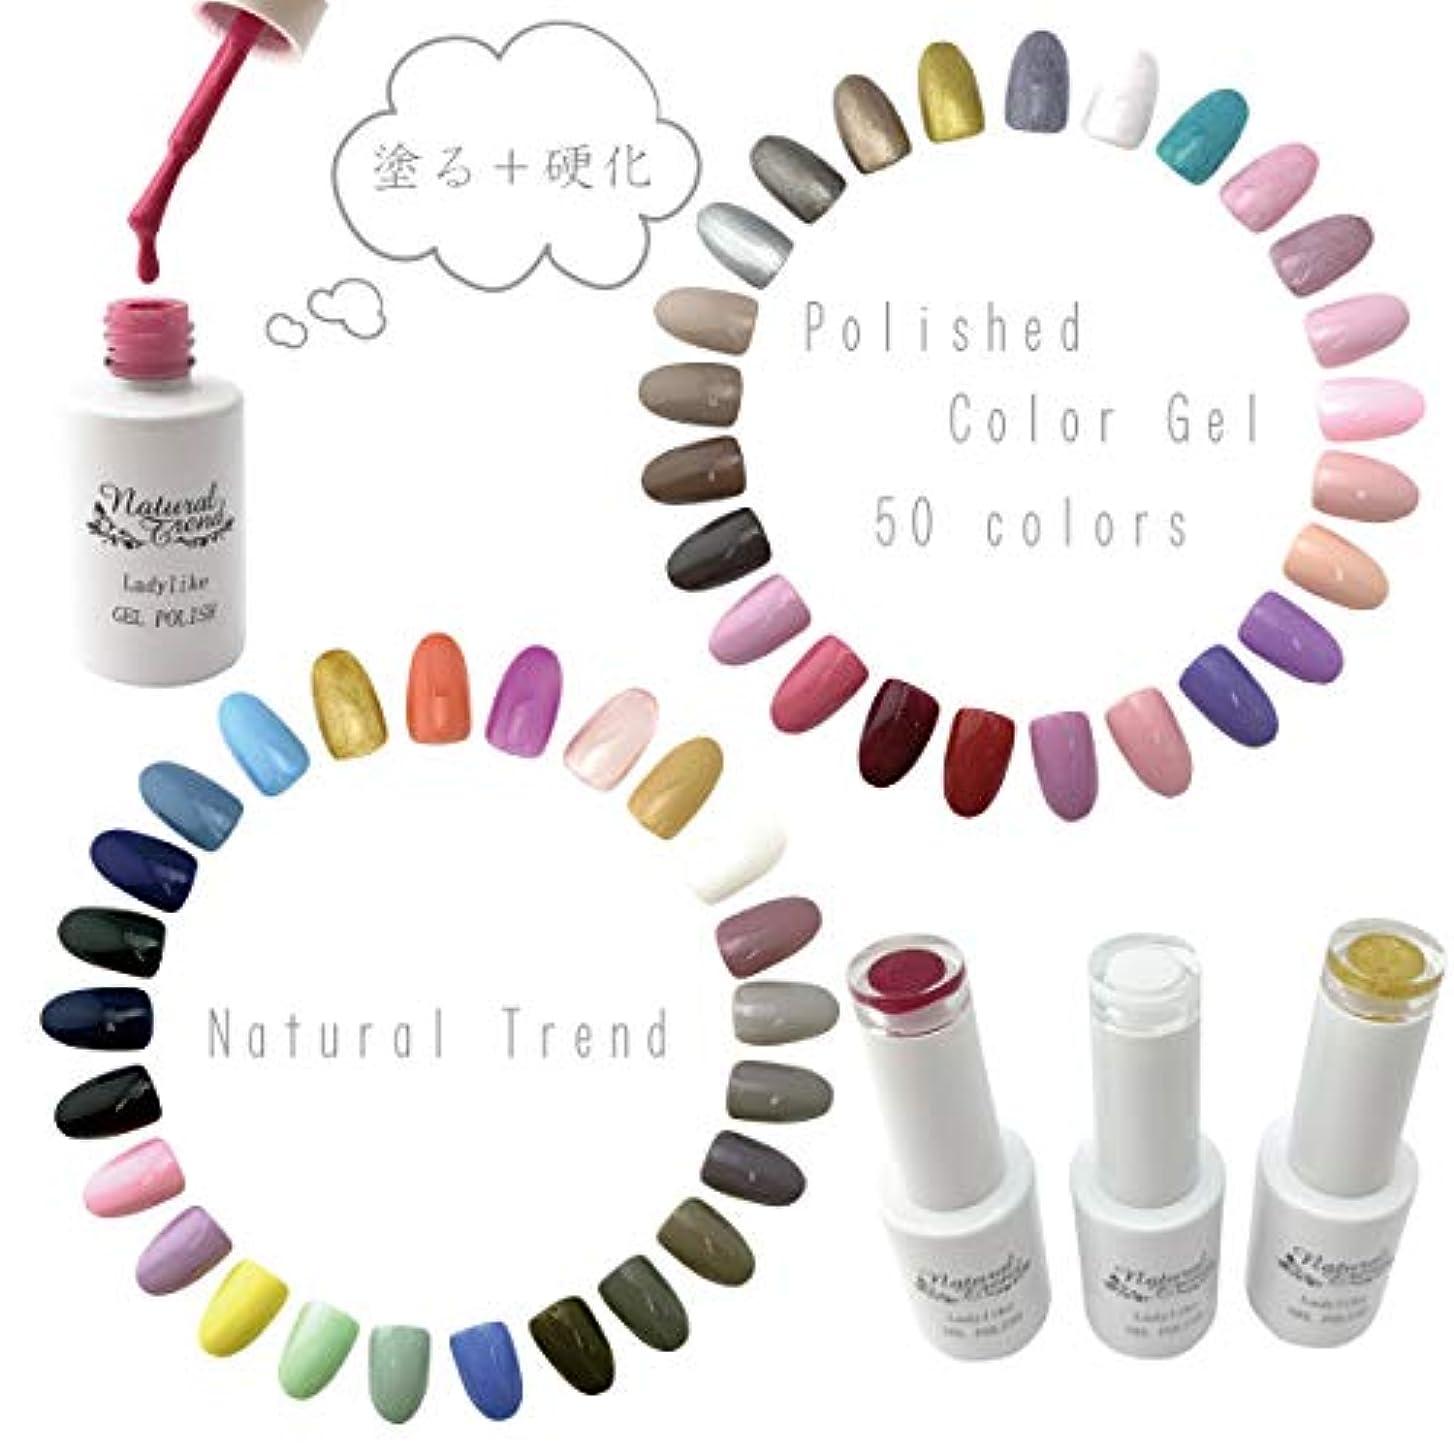 談話質素な構築するNaturalTrend ジェルネイル カラー 50色 8ml UV?LED ポリッシュタイプ カラージェル (02, gureju)